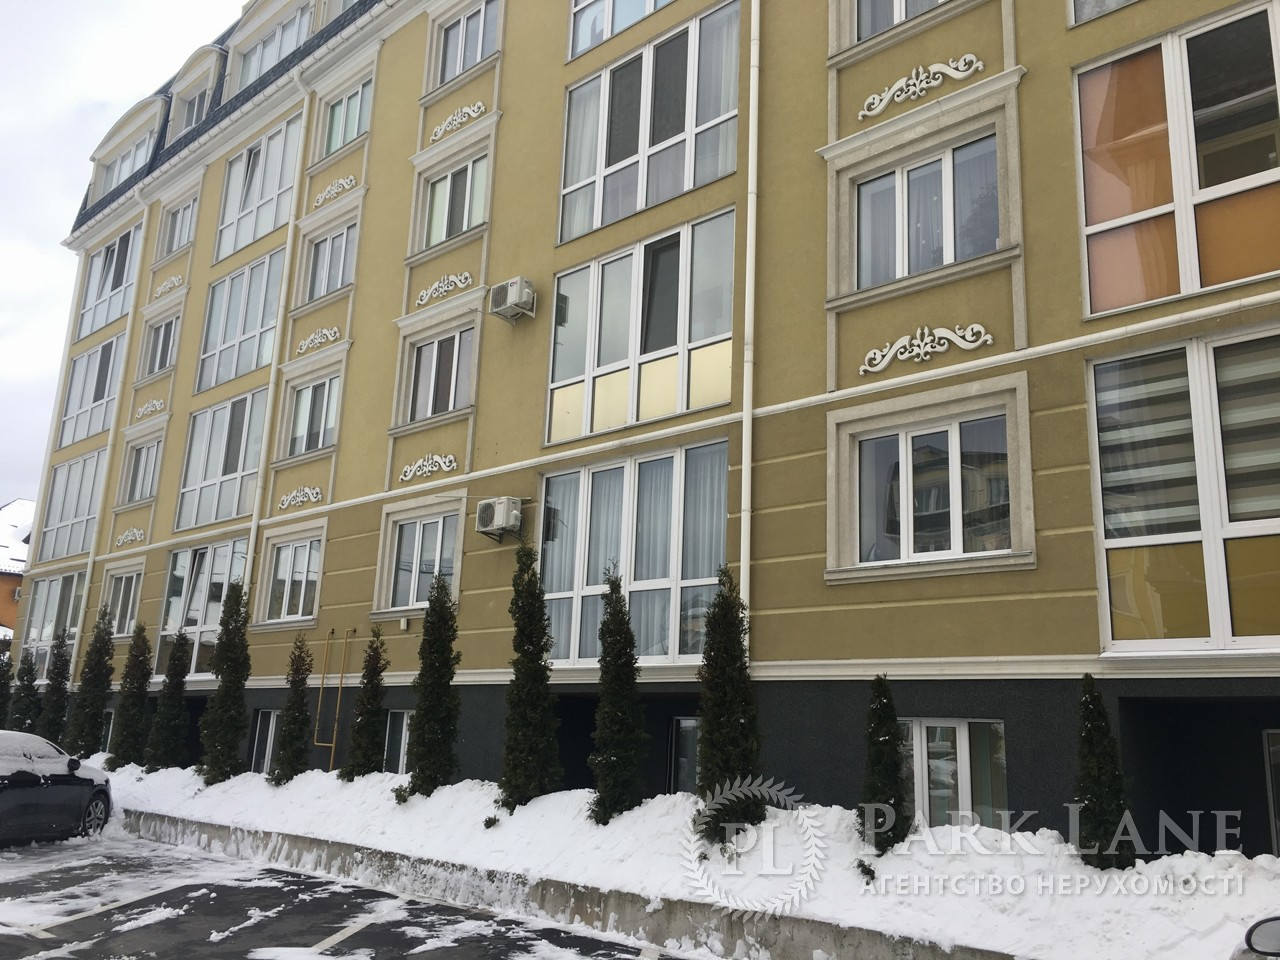 Нежитлове приміщення, вул. Миру, Софіївська Борщагівка, B-94228 - Фото 7